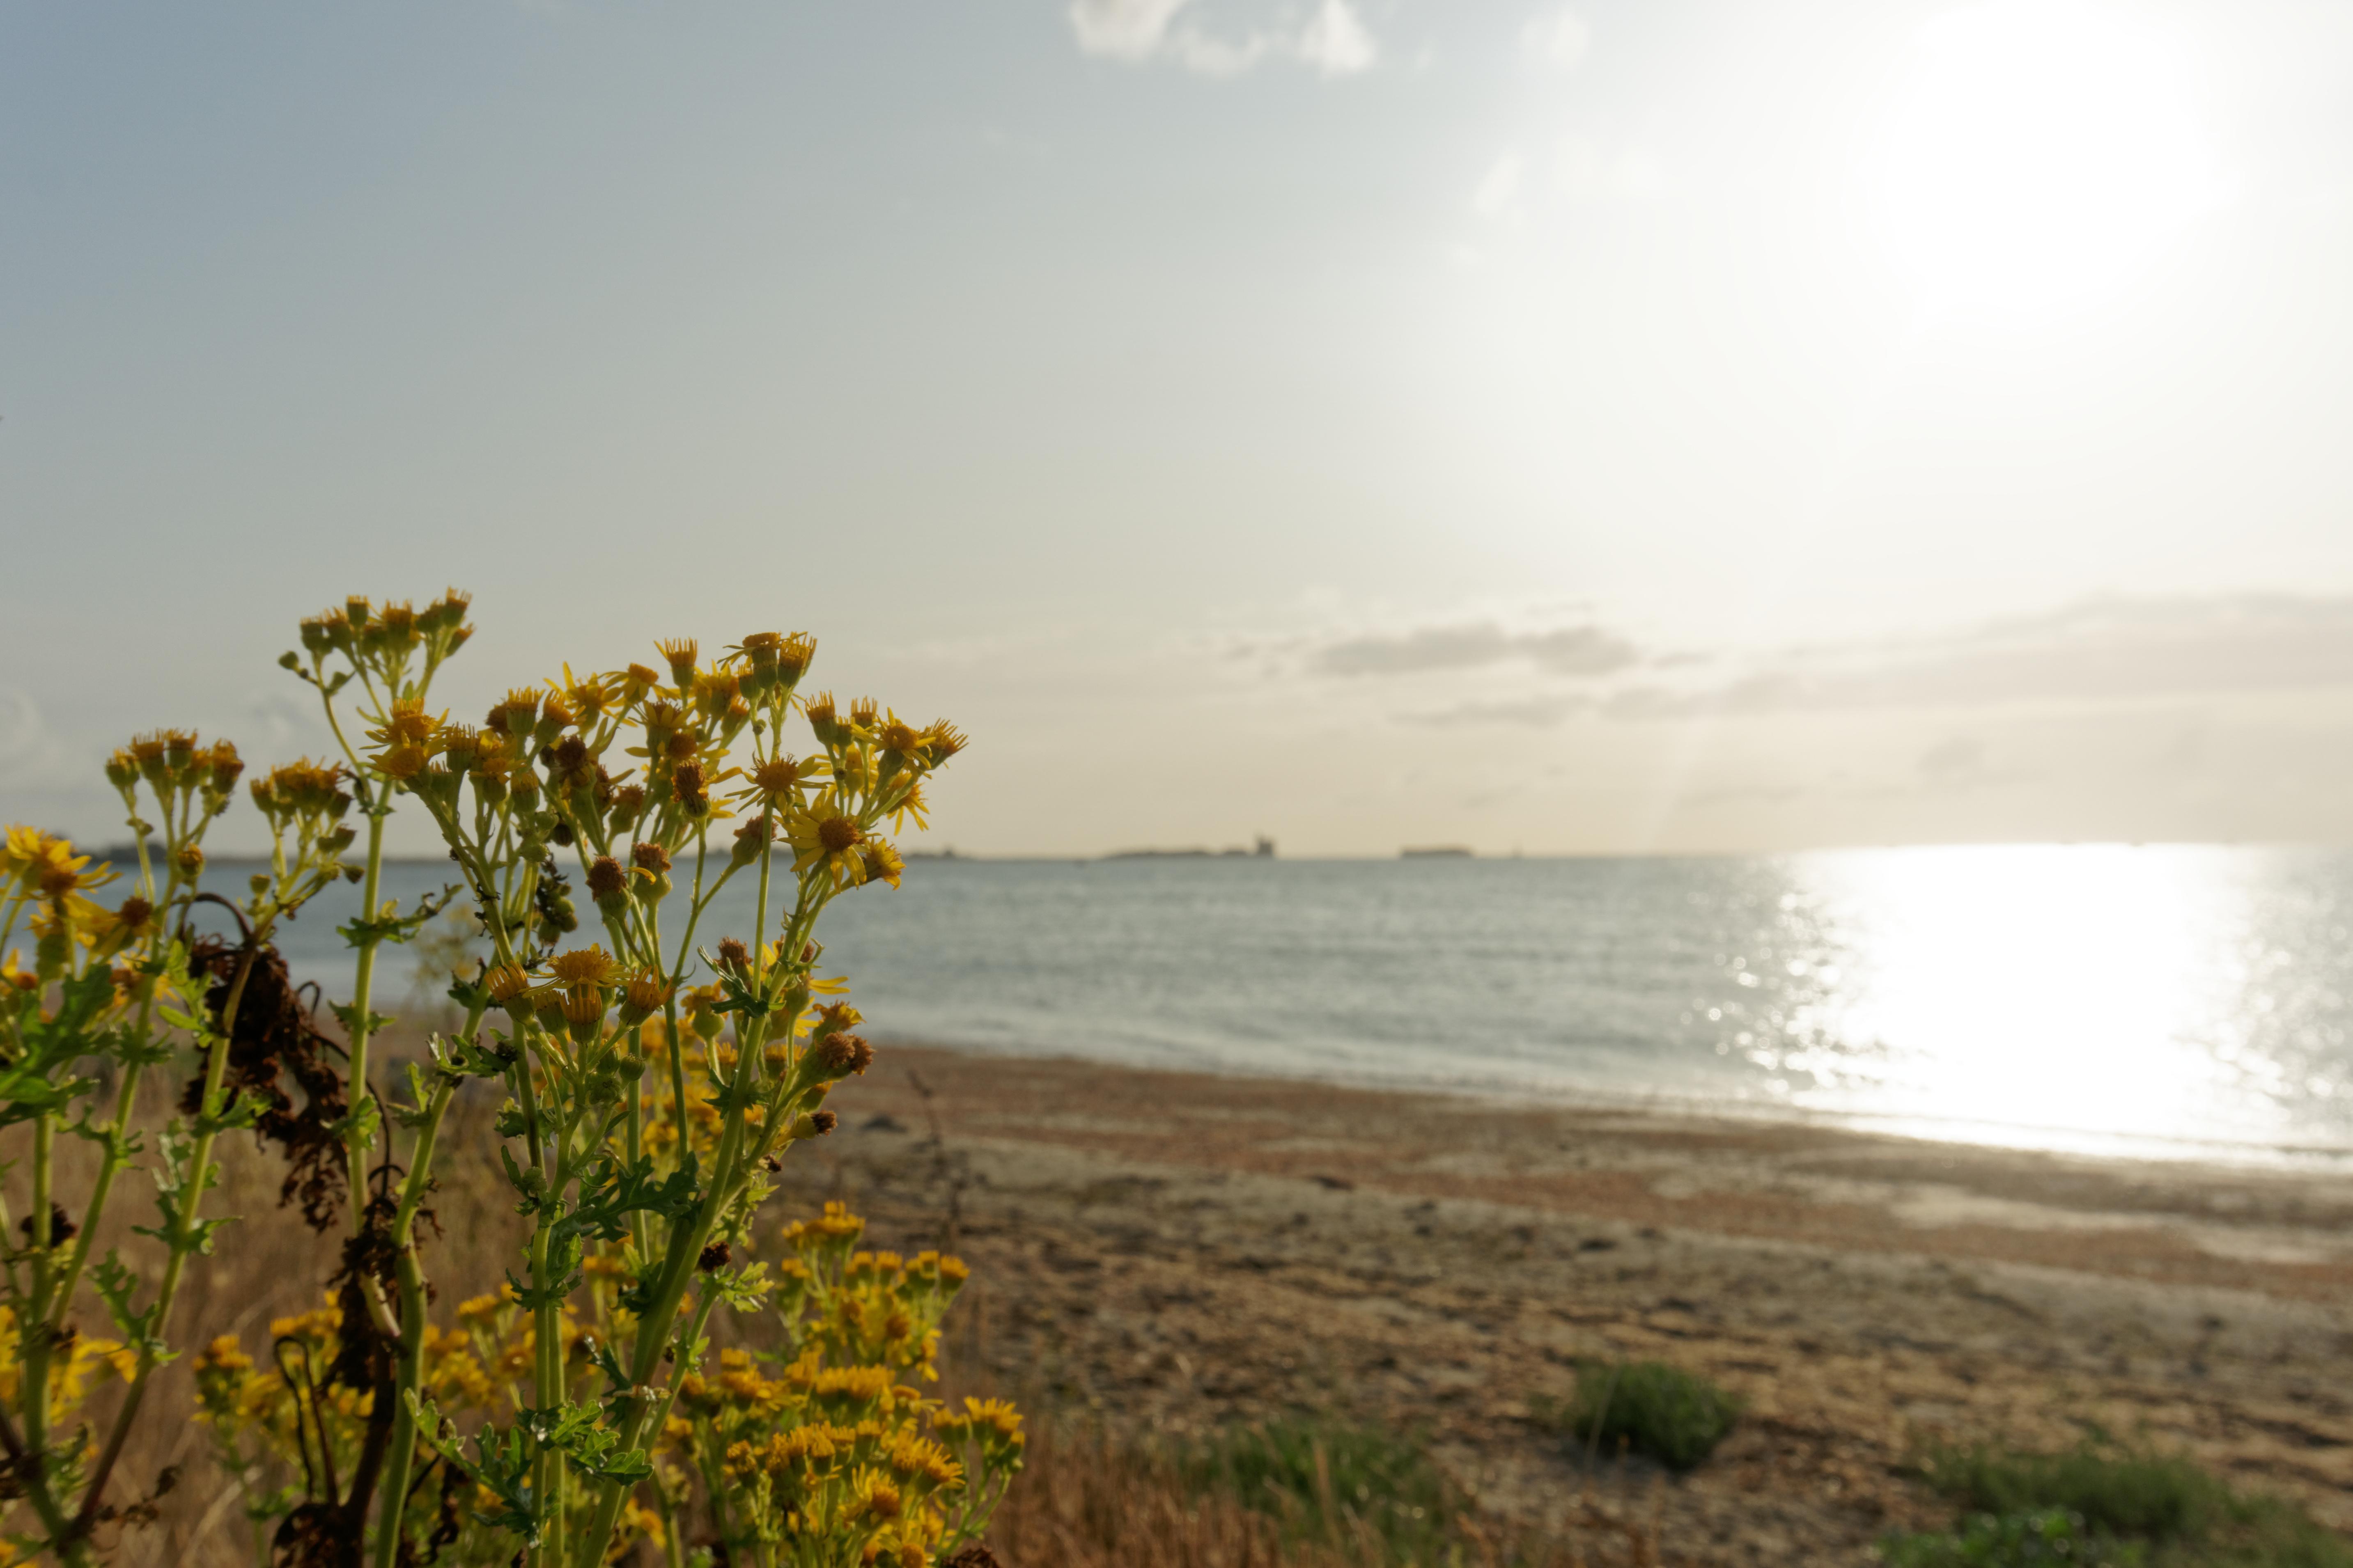 depuis-les-fortifications-vauban-petit-dejeuner-avec-le-lever-du-soleil-a-saint-vaast-la-hougue